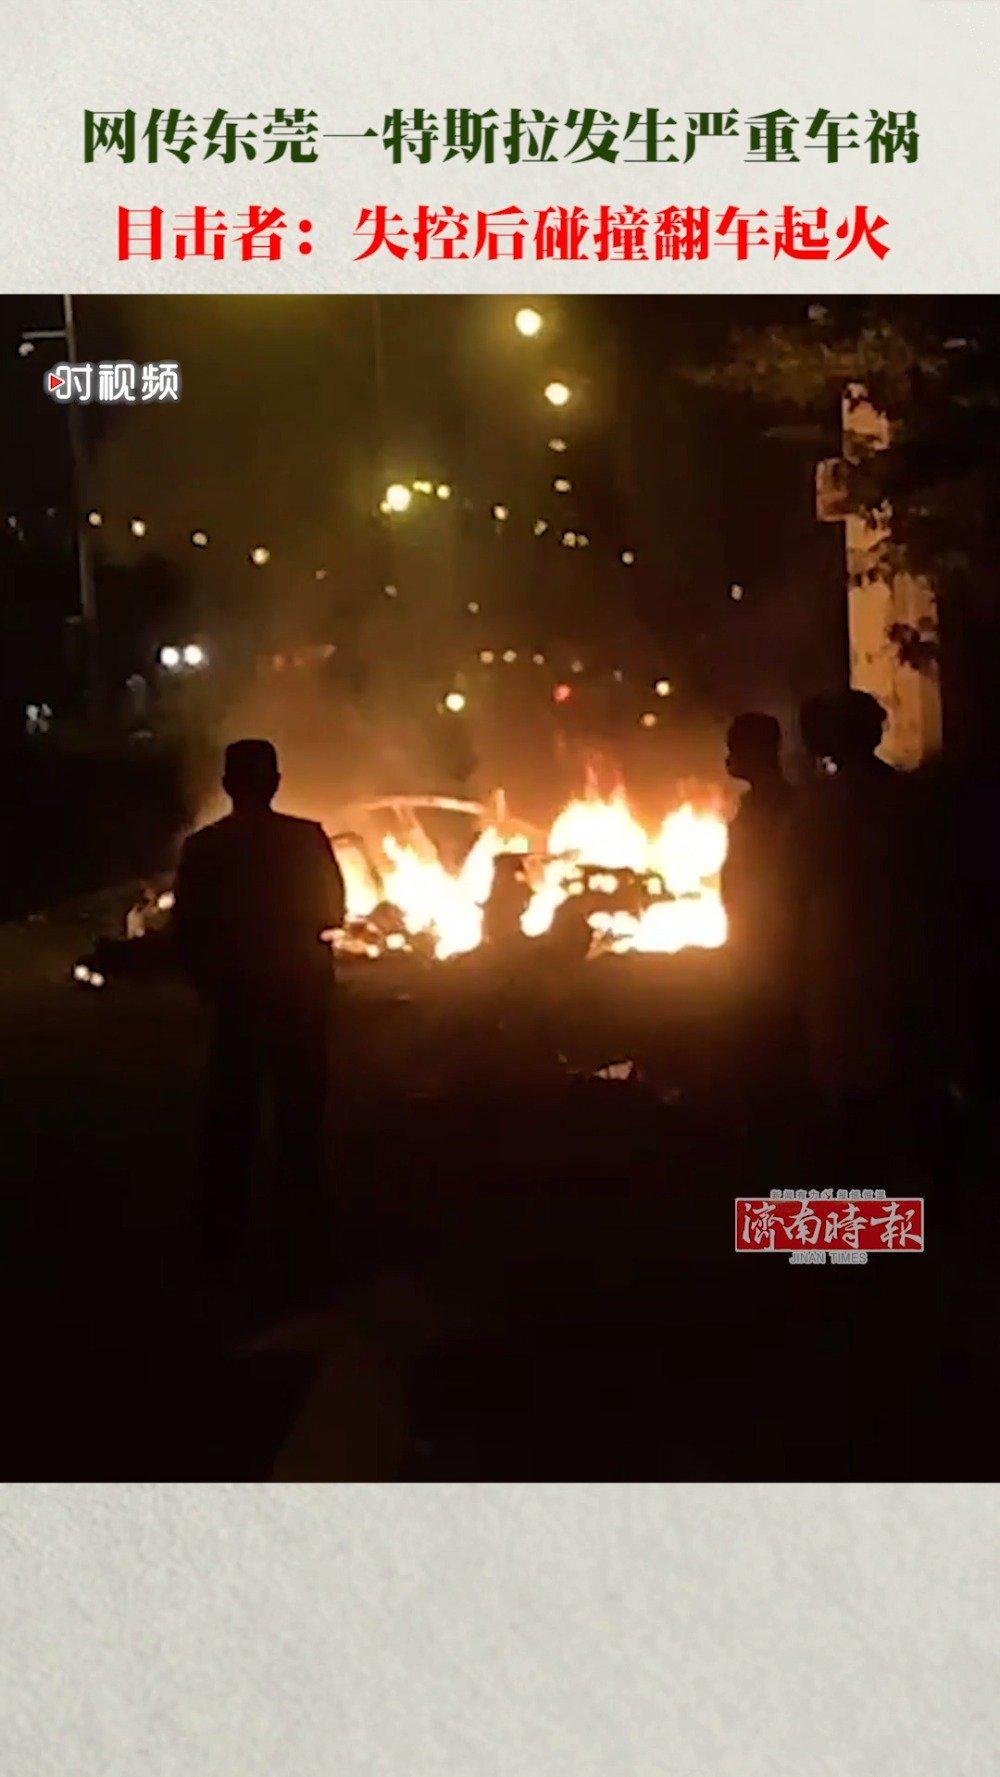 国内一辆特斯拉追尾后爆燃 车上乘客当场身亡